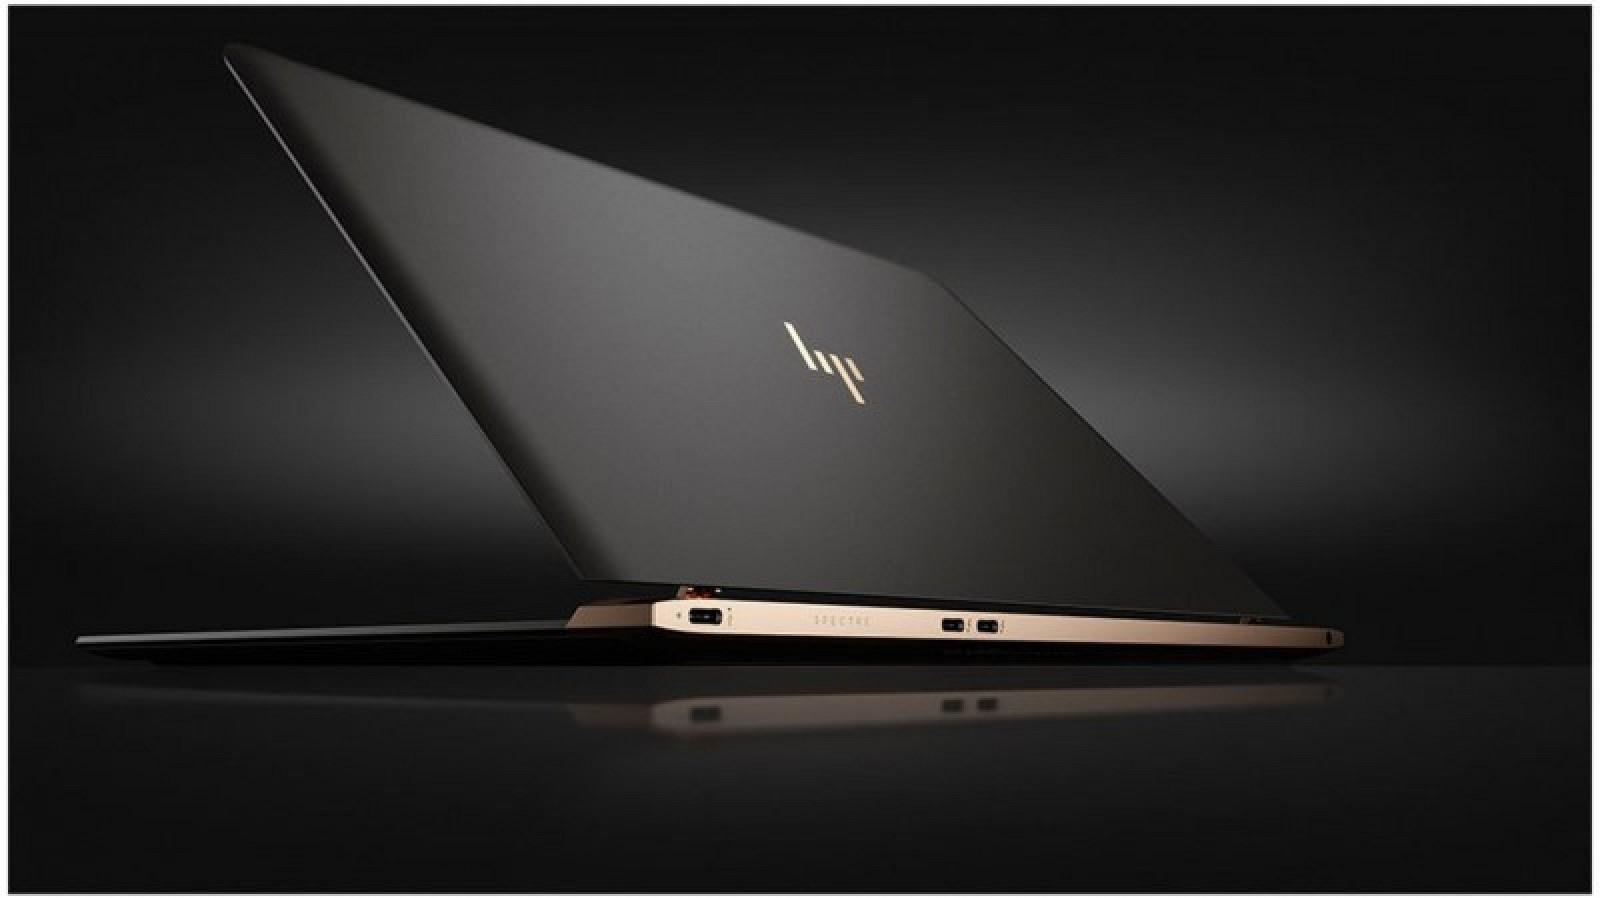 HP представили 'тончайший в мире ноутбук'